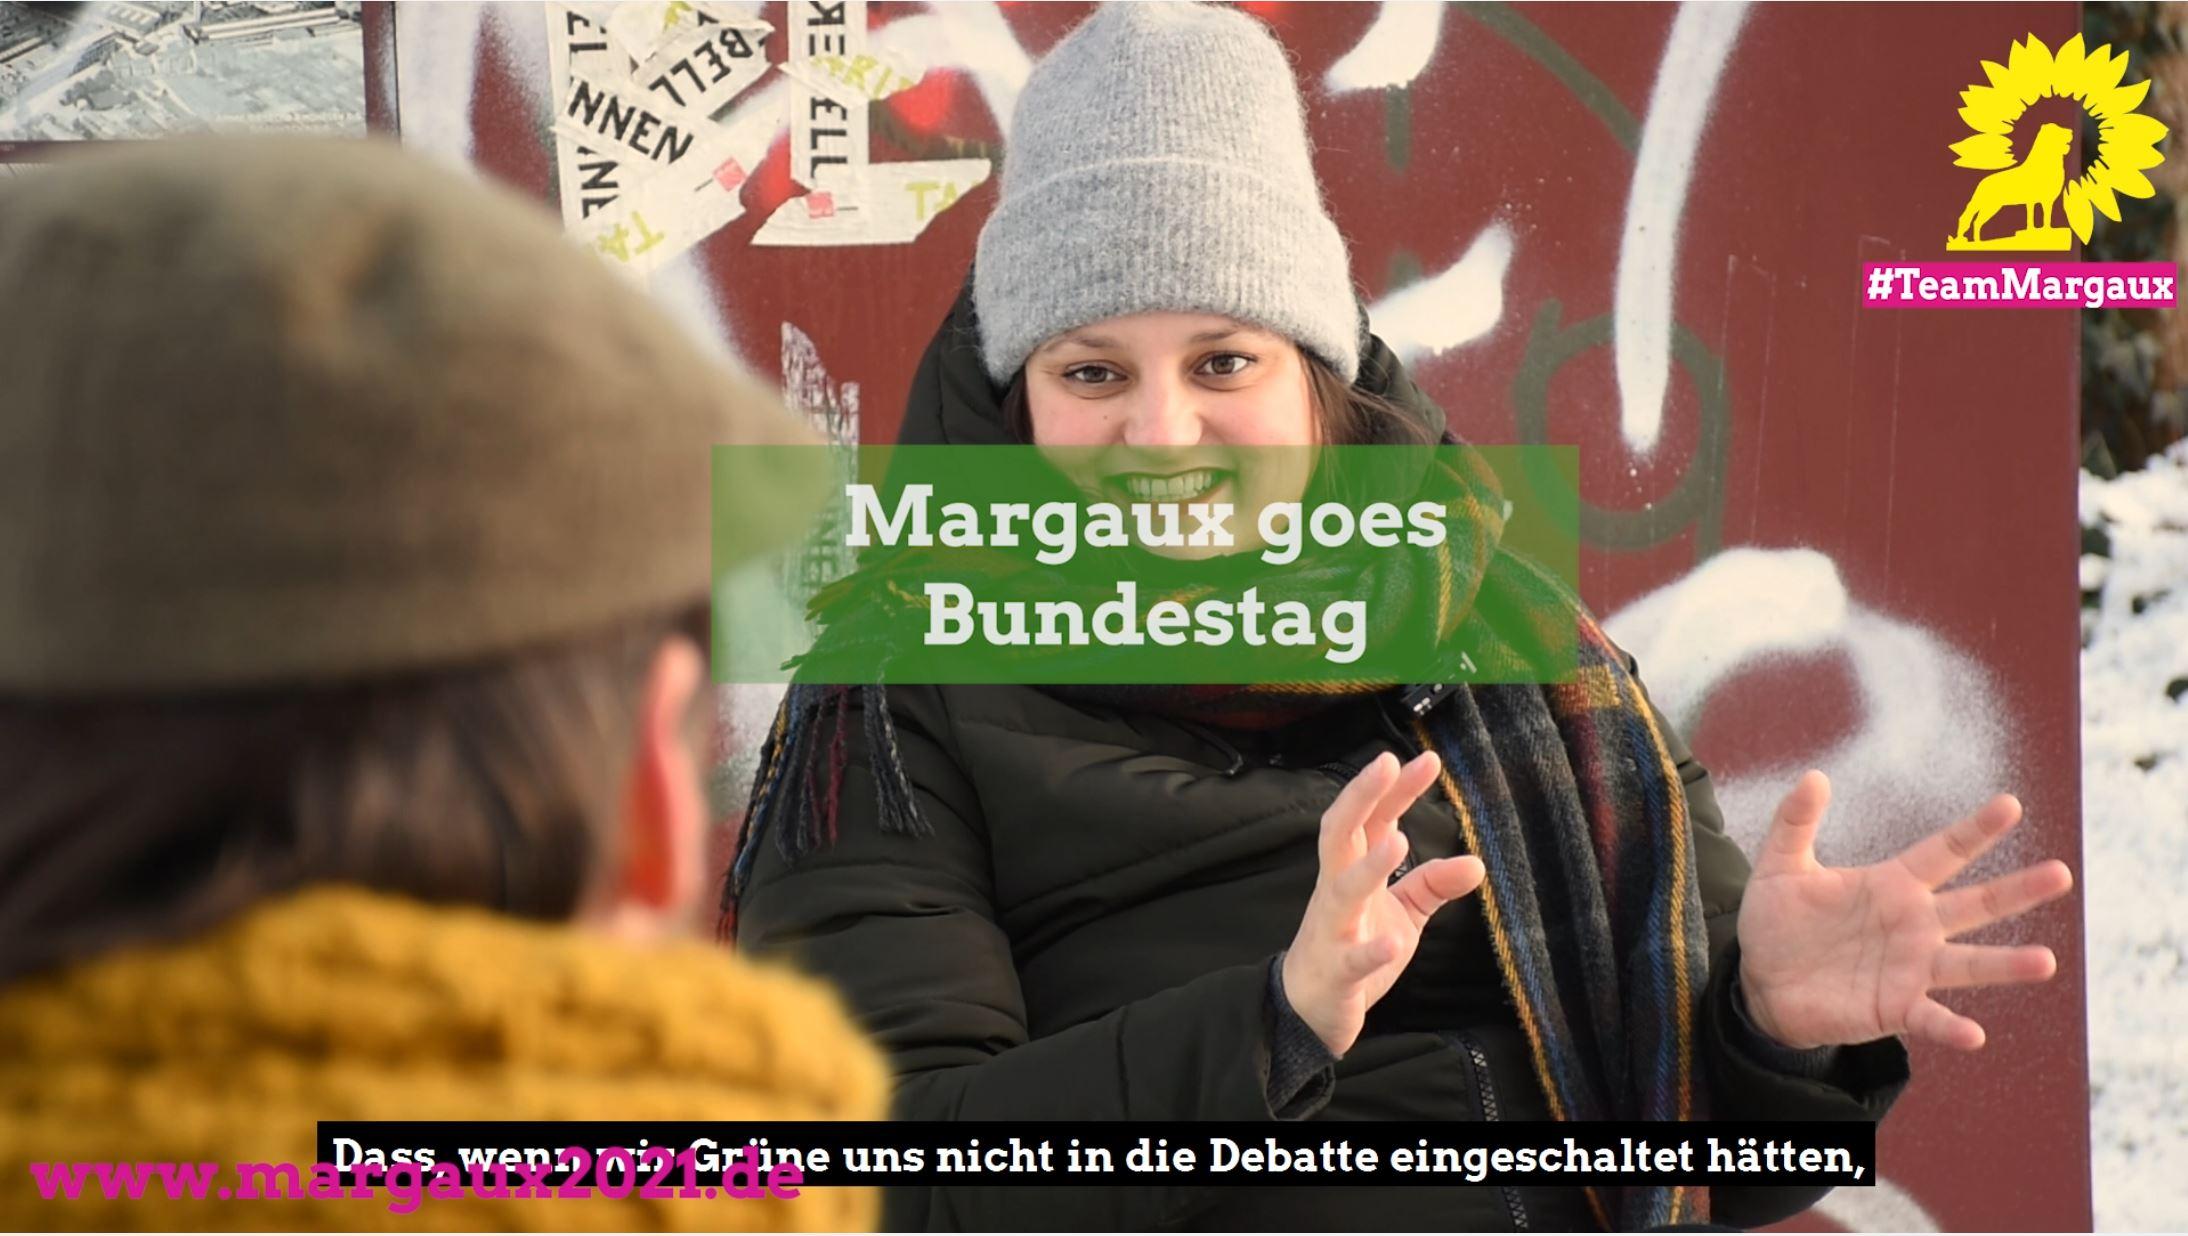 2# Folge Video Podcast: Margaux goes Bundestag